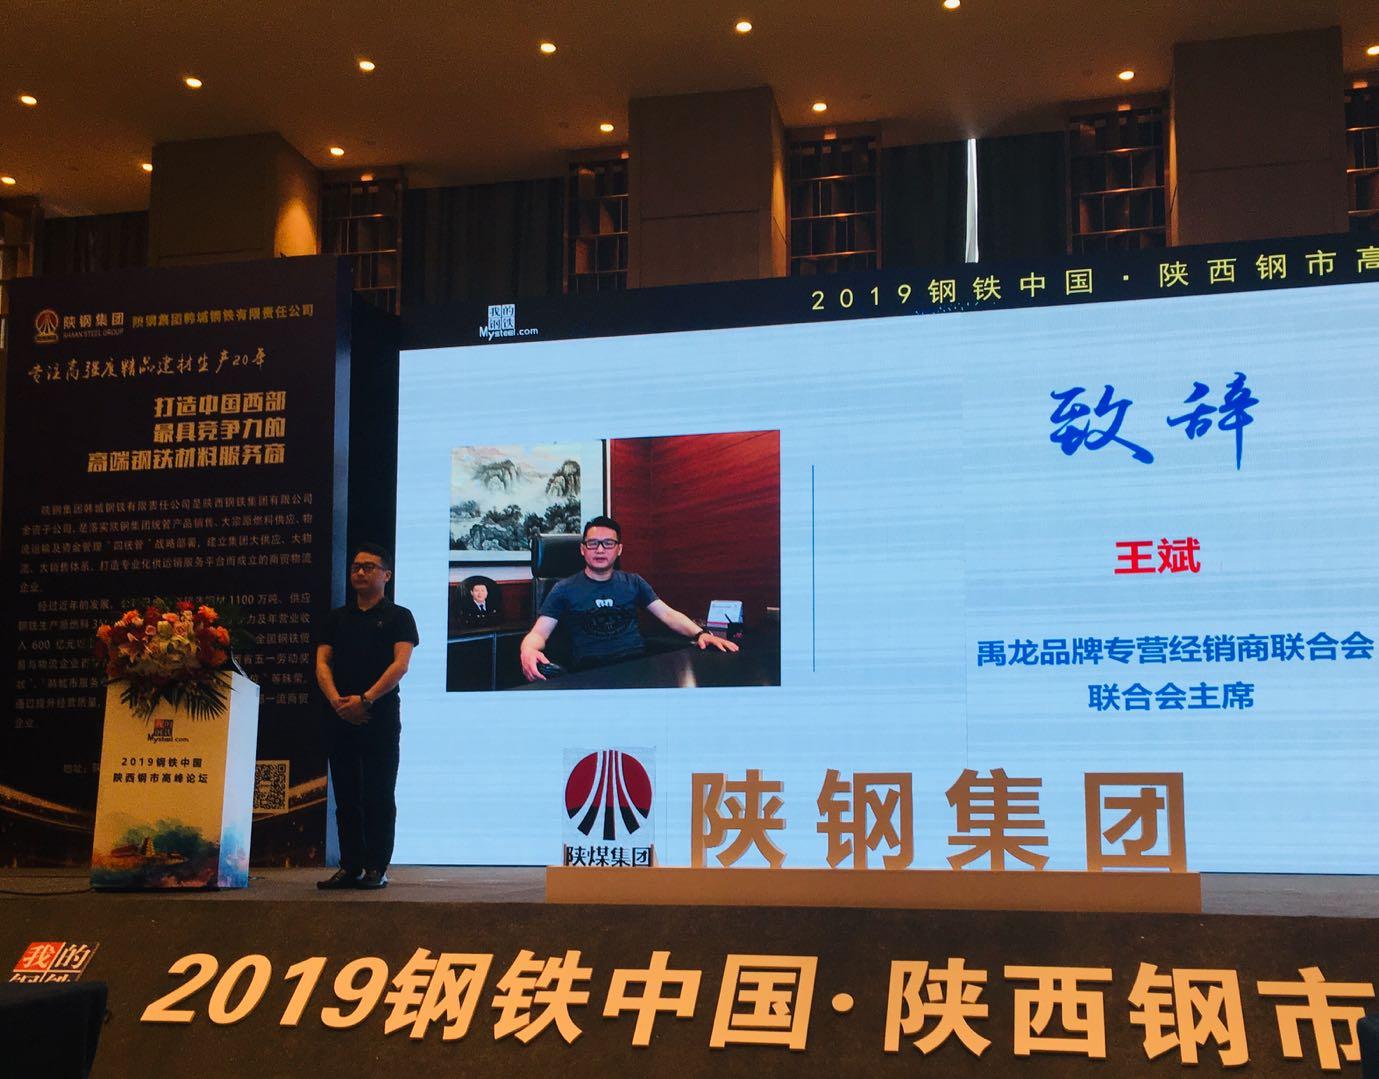 2019年陜西經濟發展_2019中國(西安)數字經濟創新創業高峰論壇舉辦-大西安數字經濟發...